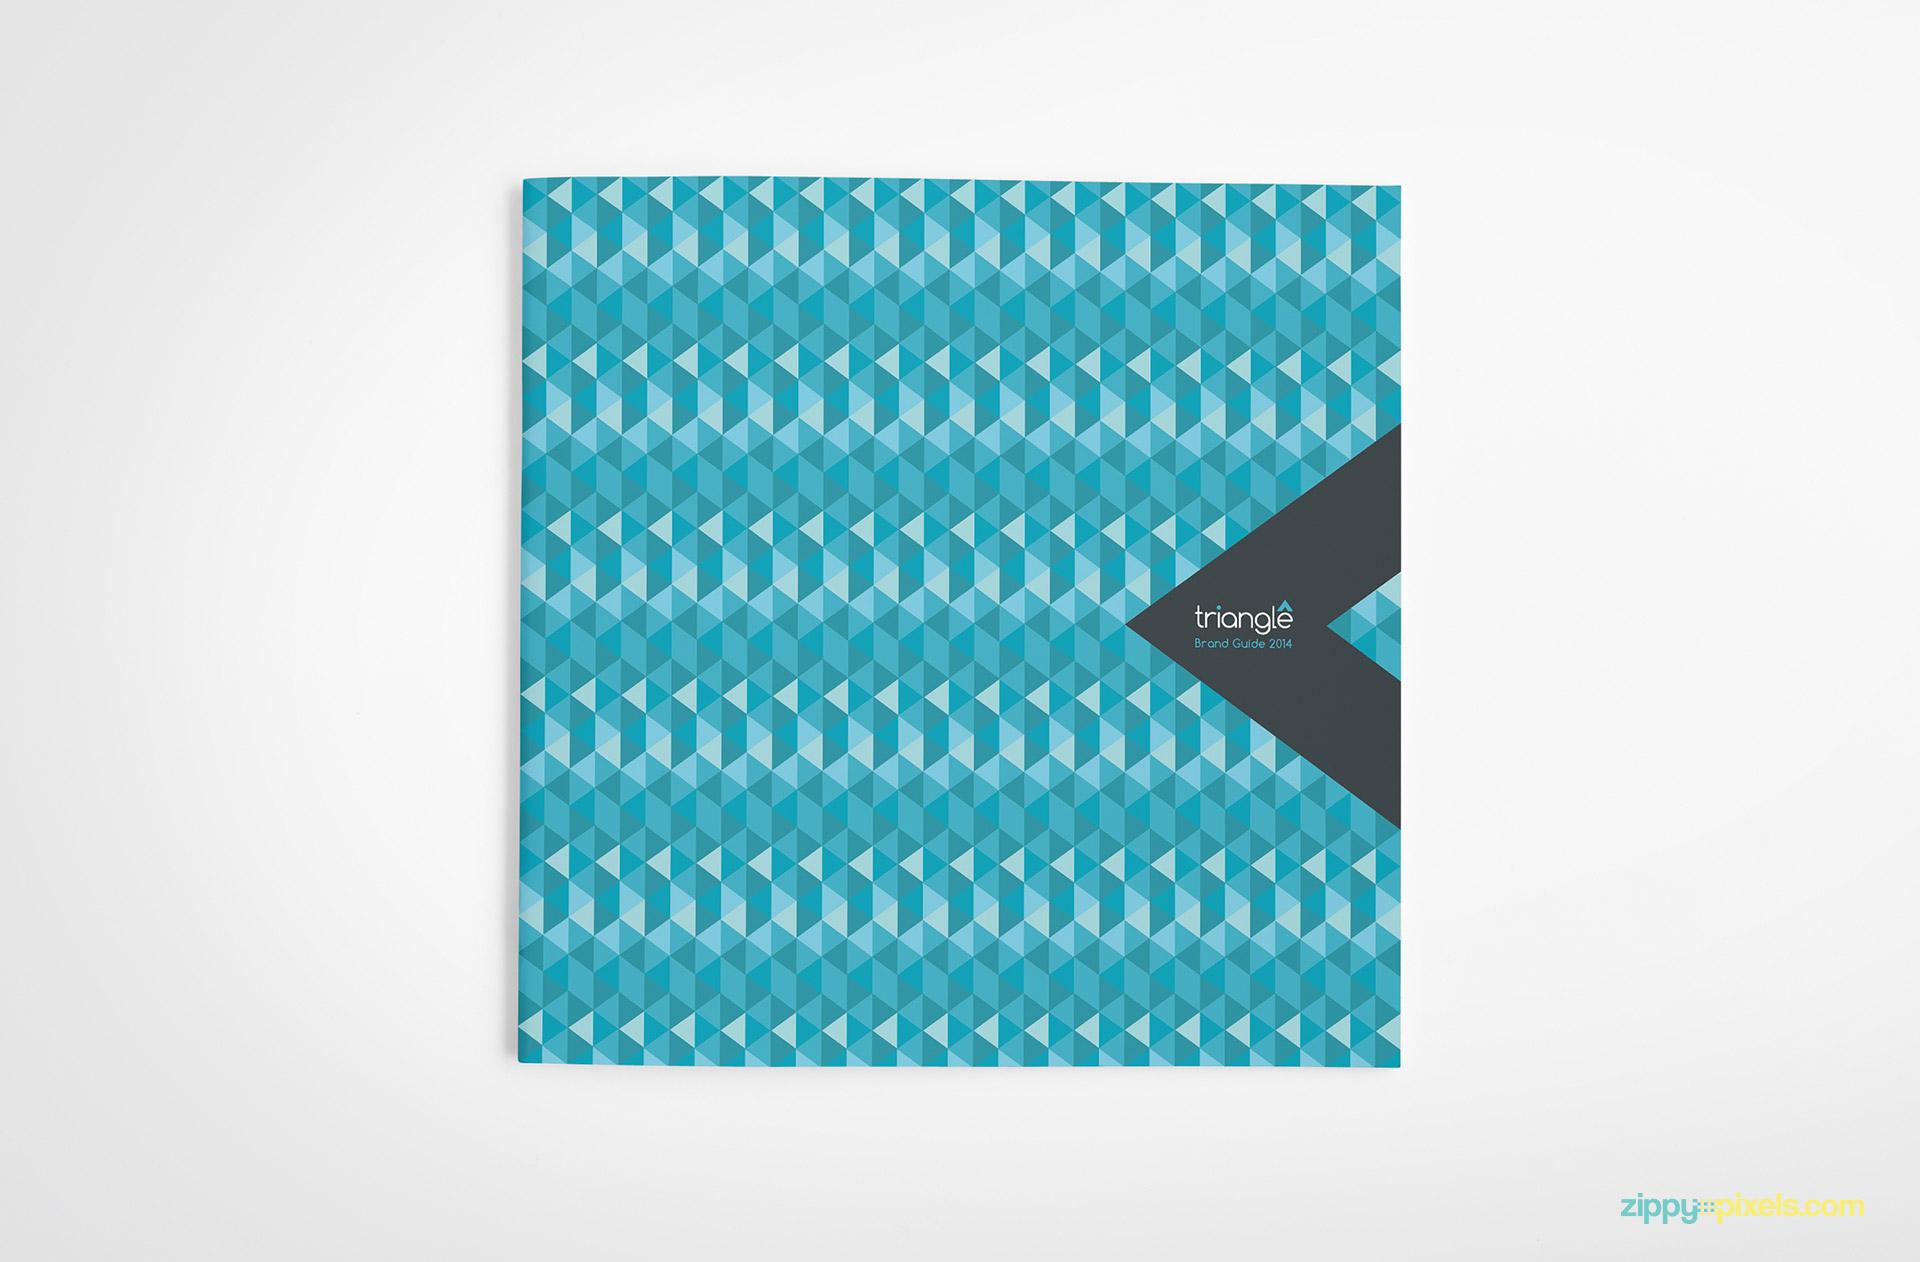 02-brand-book-11-cover